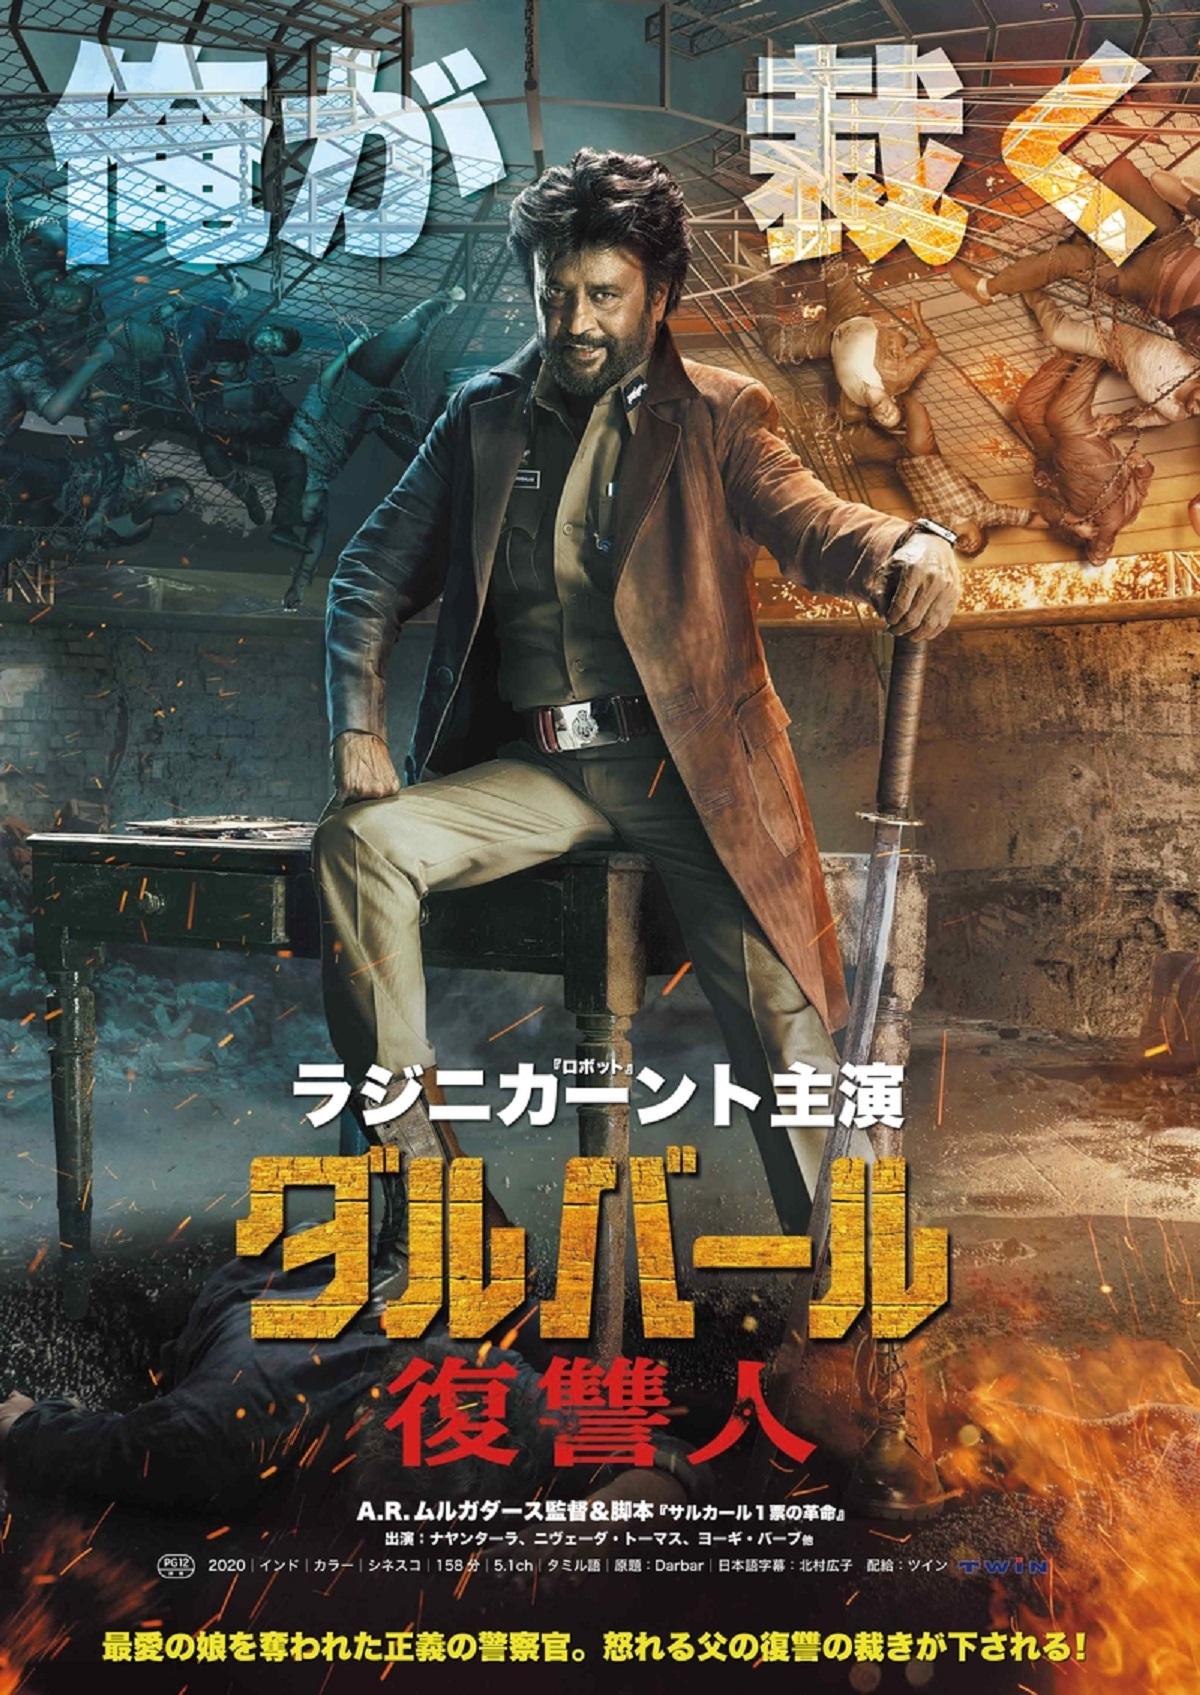 映画『タルバール 復讐人』ポスター